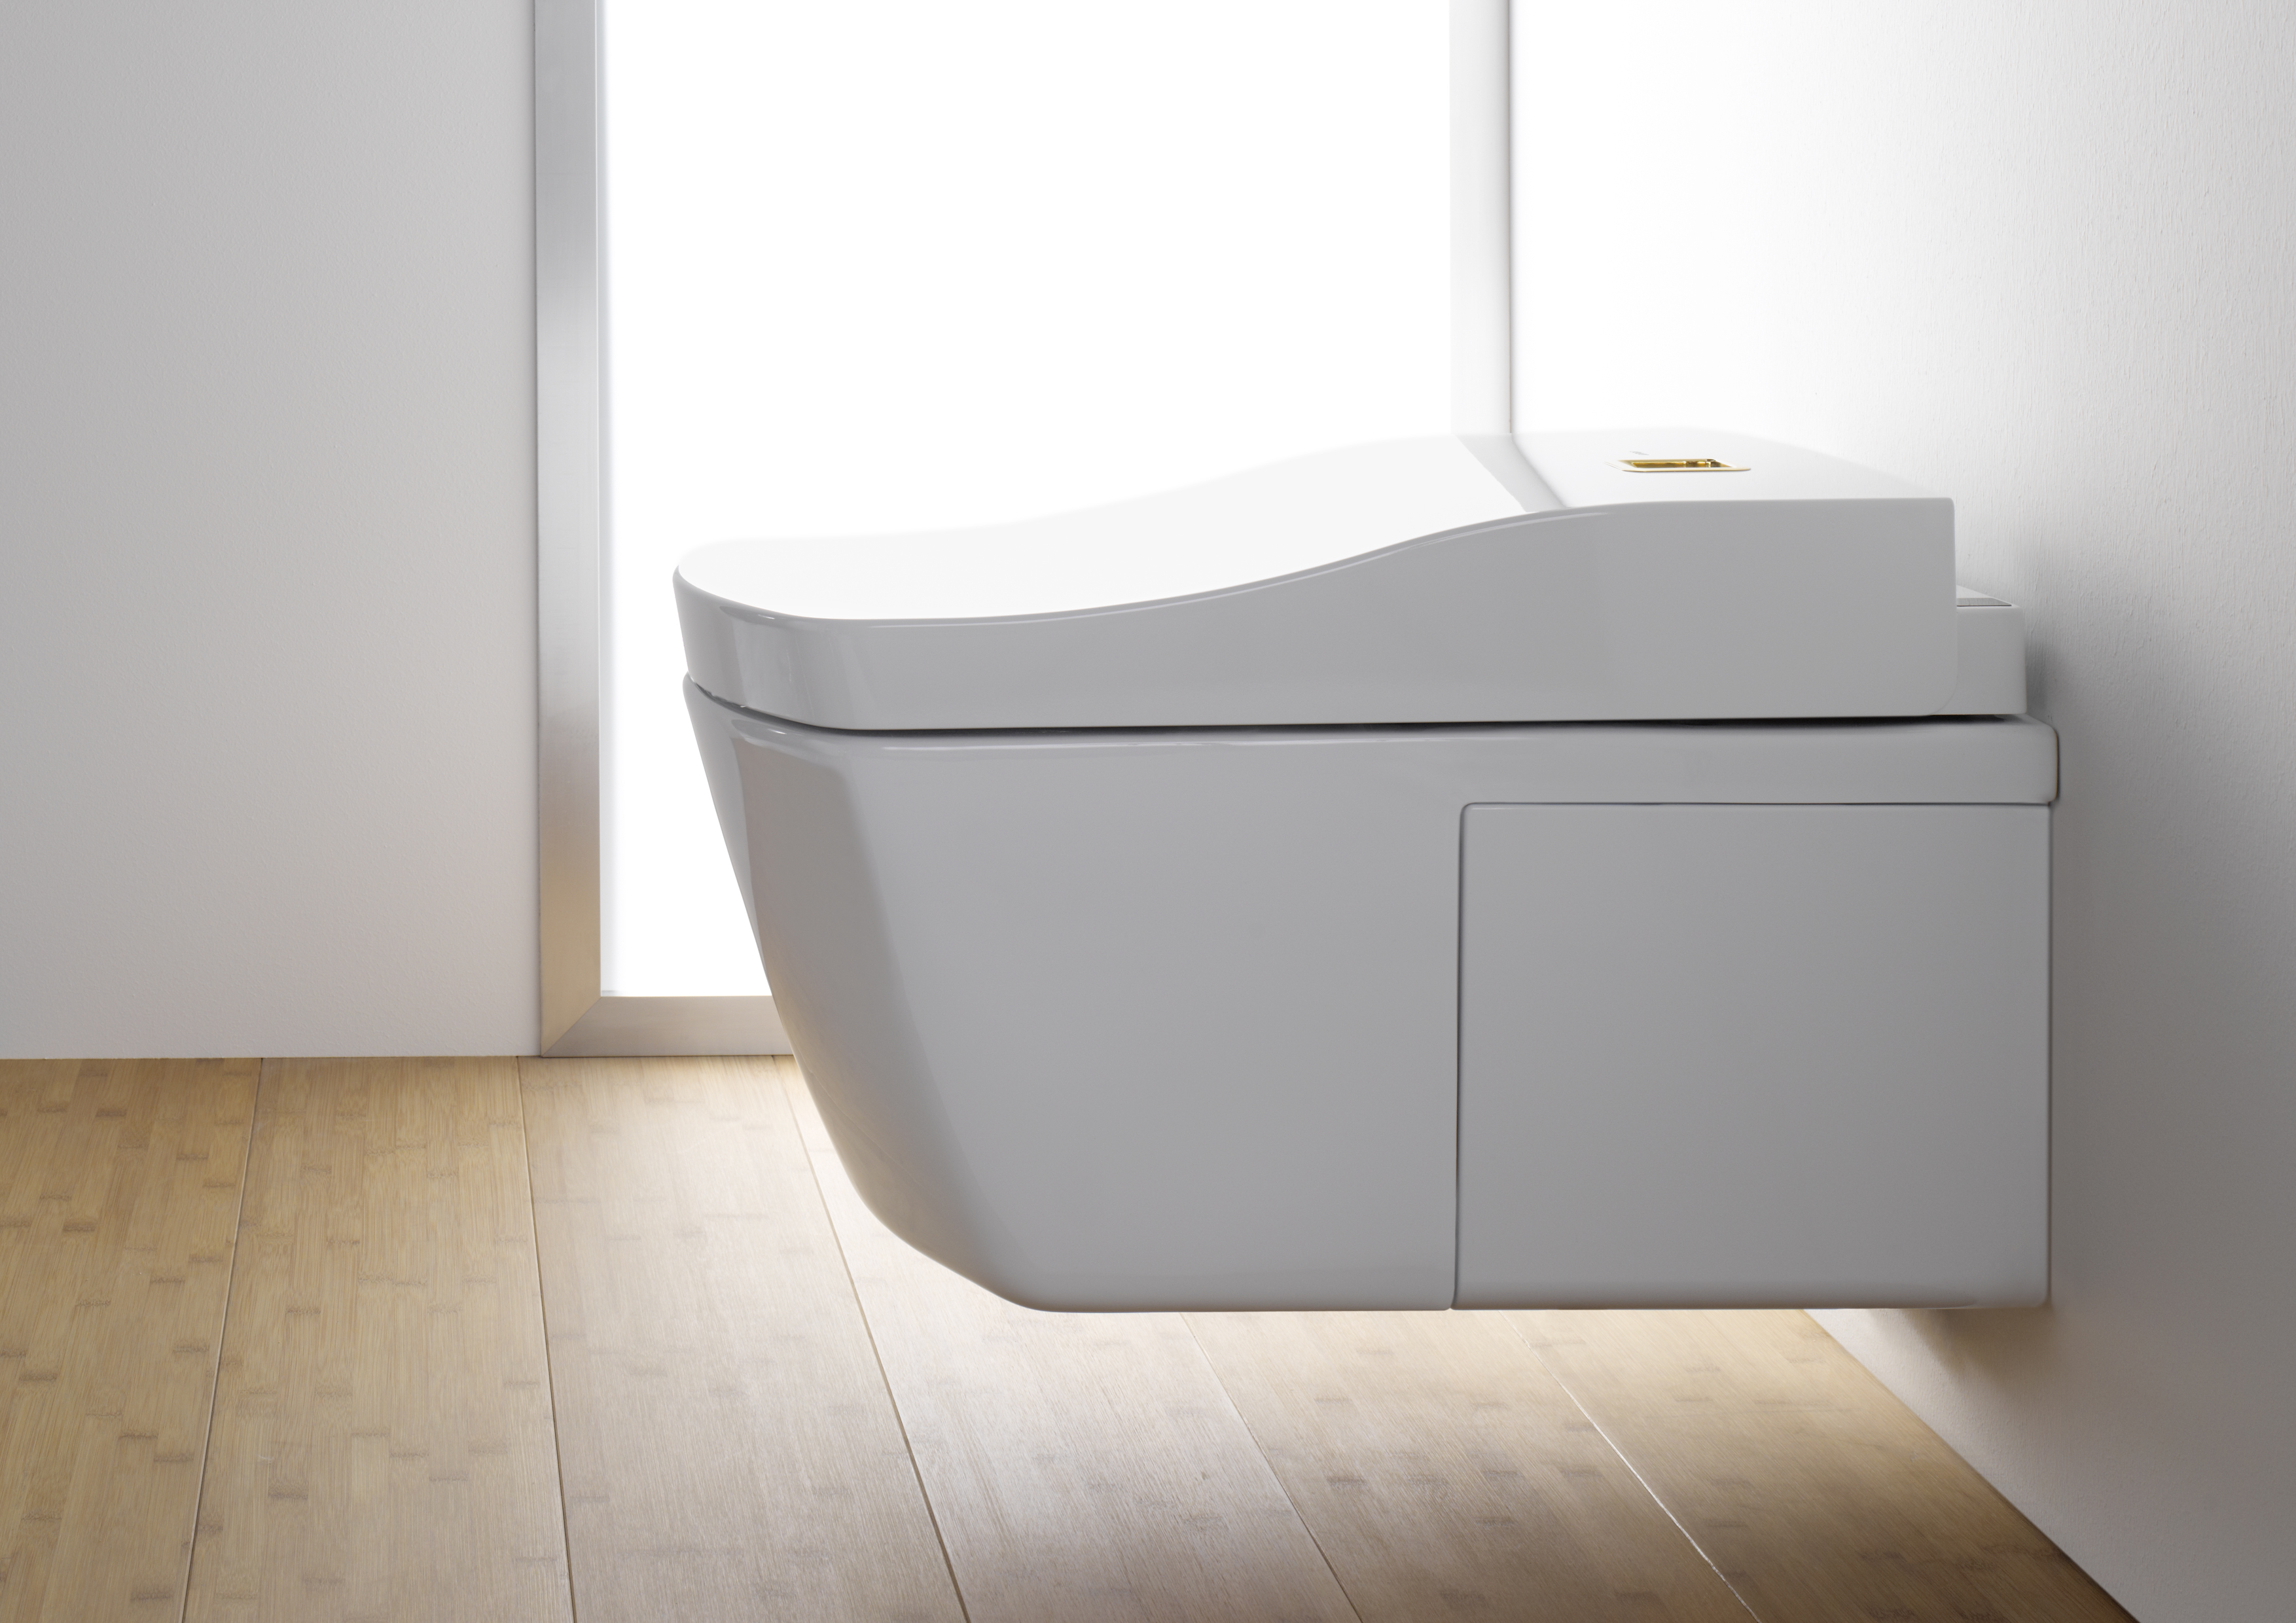 Toto Mh Wc awesome toto toilette canada contemporary joshkrajcik us